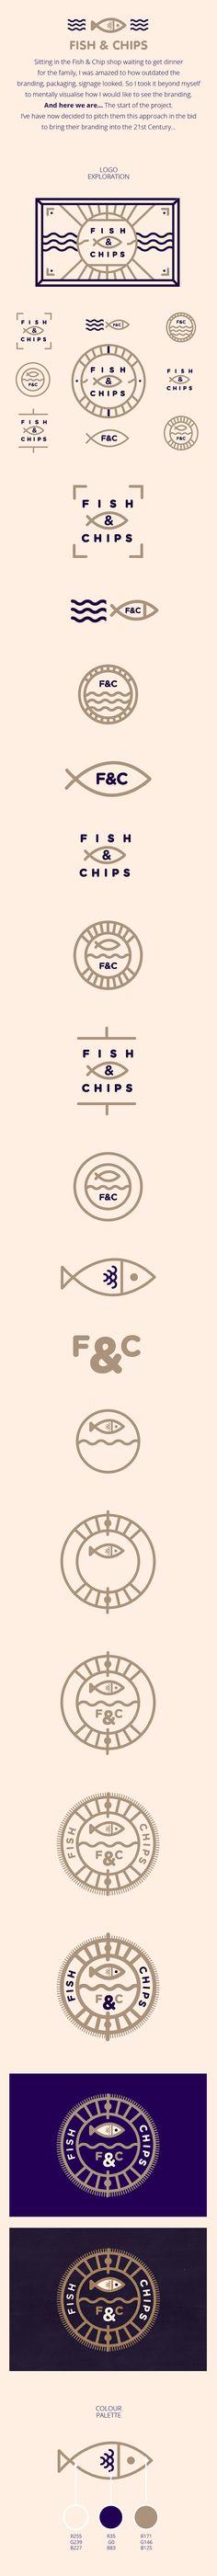 Fish & Chips // Branding on Behance